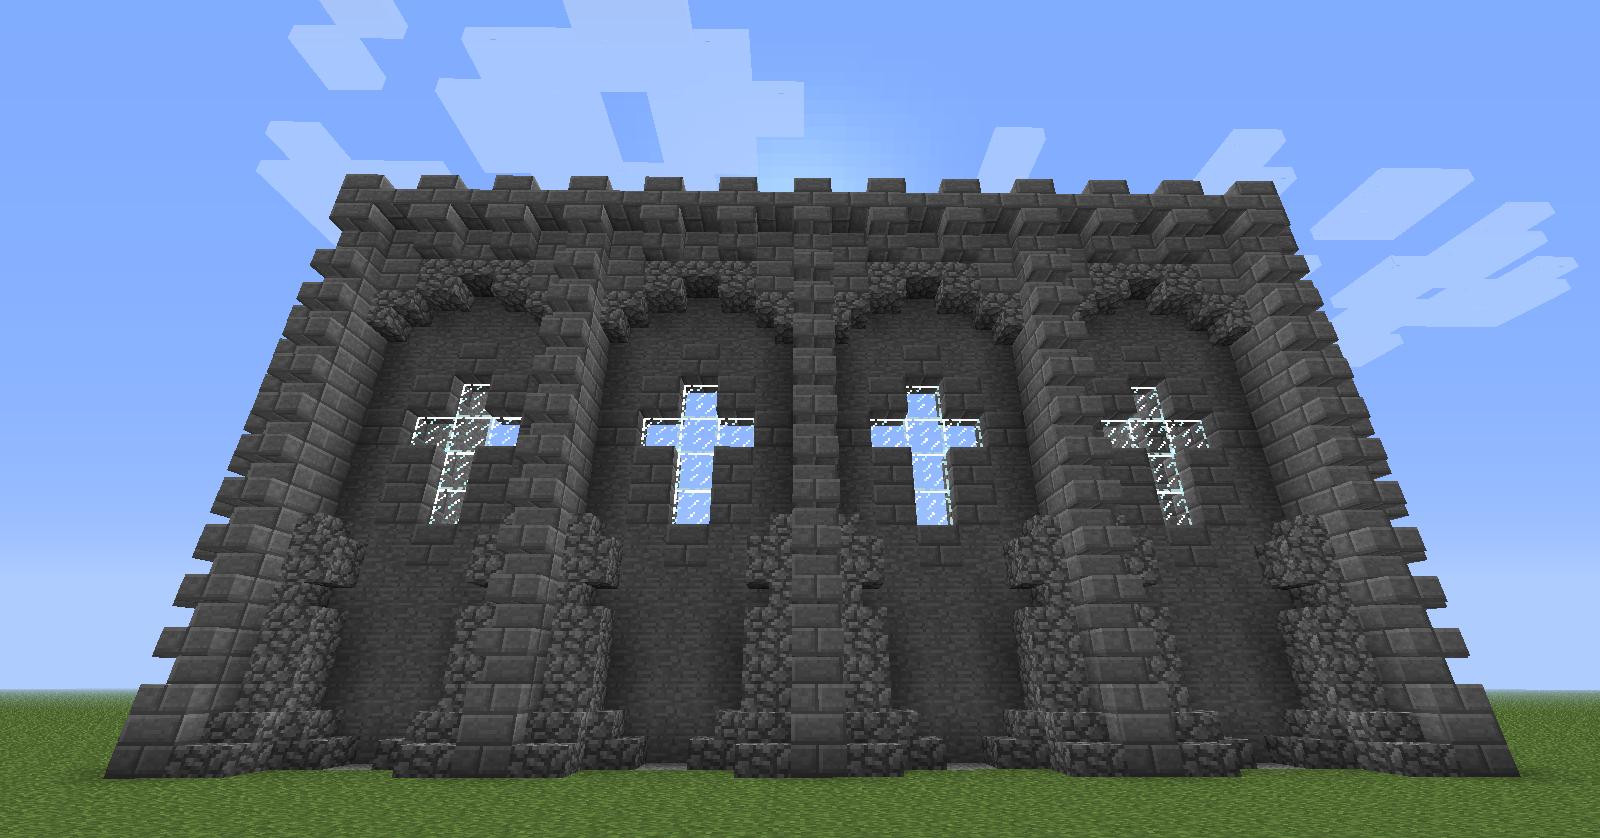 Minecraft castle wall design minecraft seeds minecraft seeds